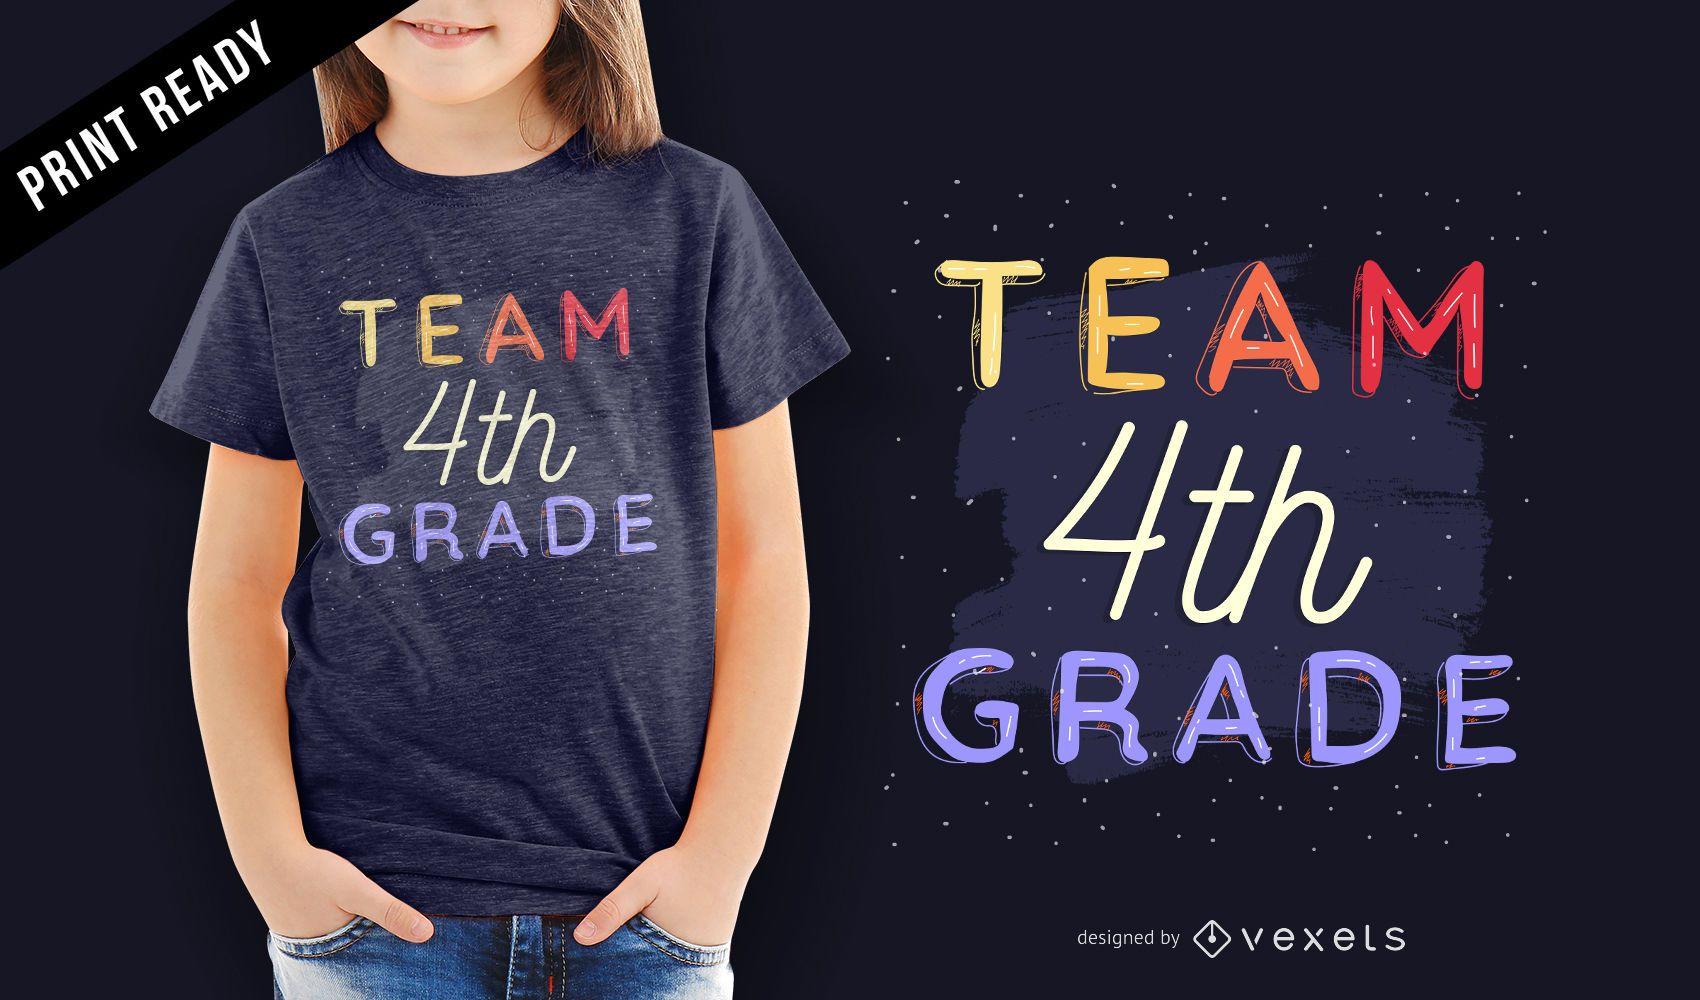 Equipo de 4to grado maestro de escuela estudiante diseño de camiseta para niños.